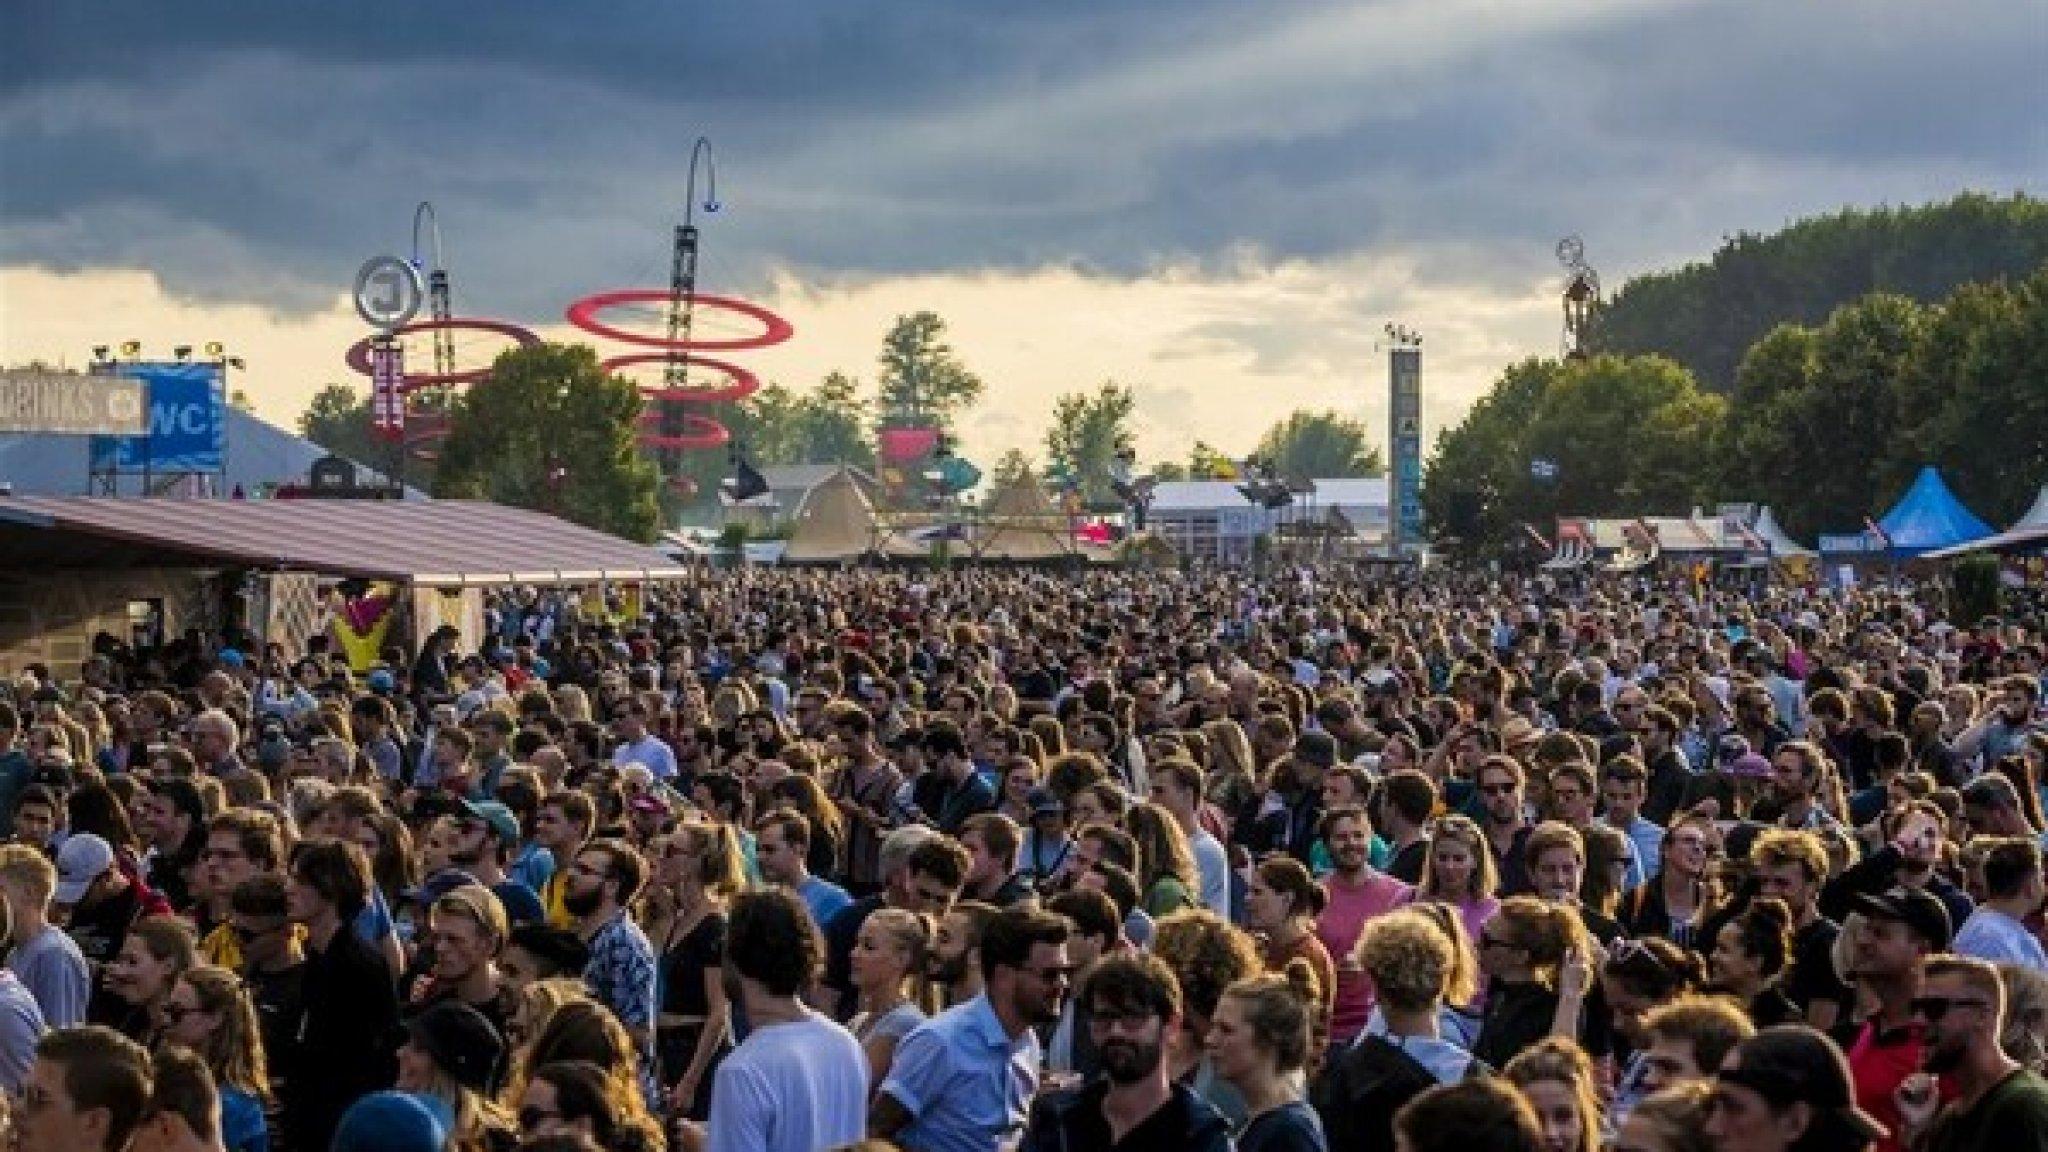 """Klap voor evenementenbranche, tot 1 september geen meerdaagse festivals  """"De besmettingen dalen, maar het blijft spannend, zegt Rutte""""."""